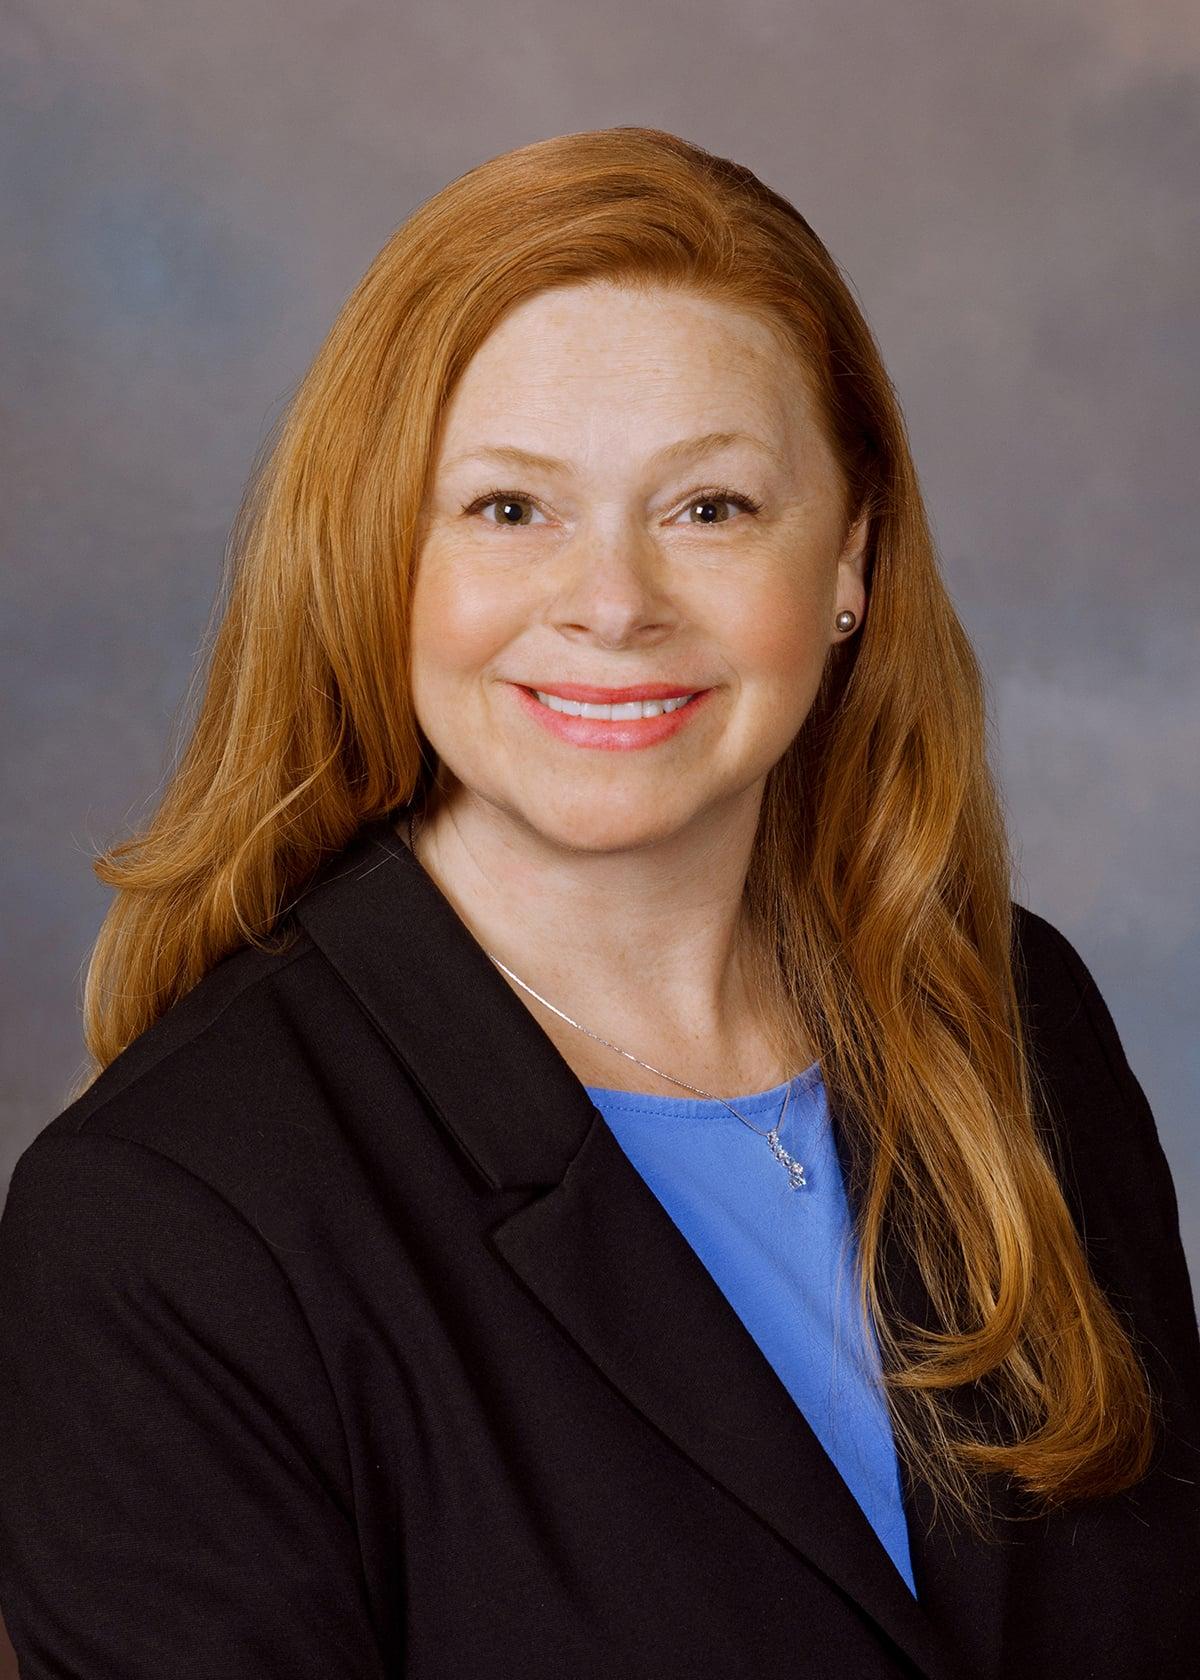 Virginia Eye Institute Provider - Lisa Fleming B.S.H.S., C.O.M.T.